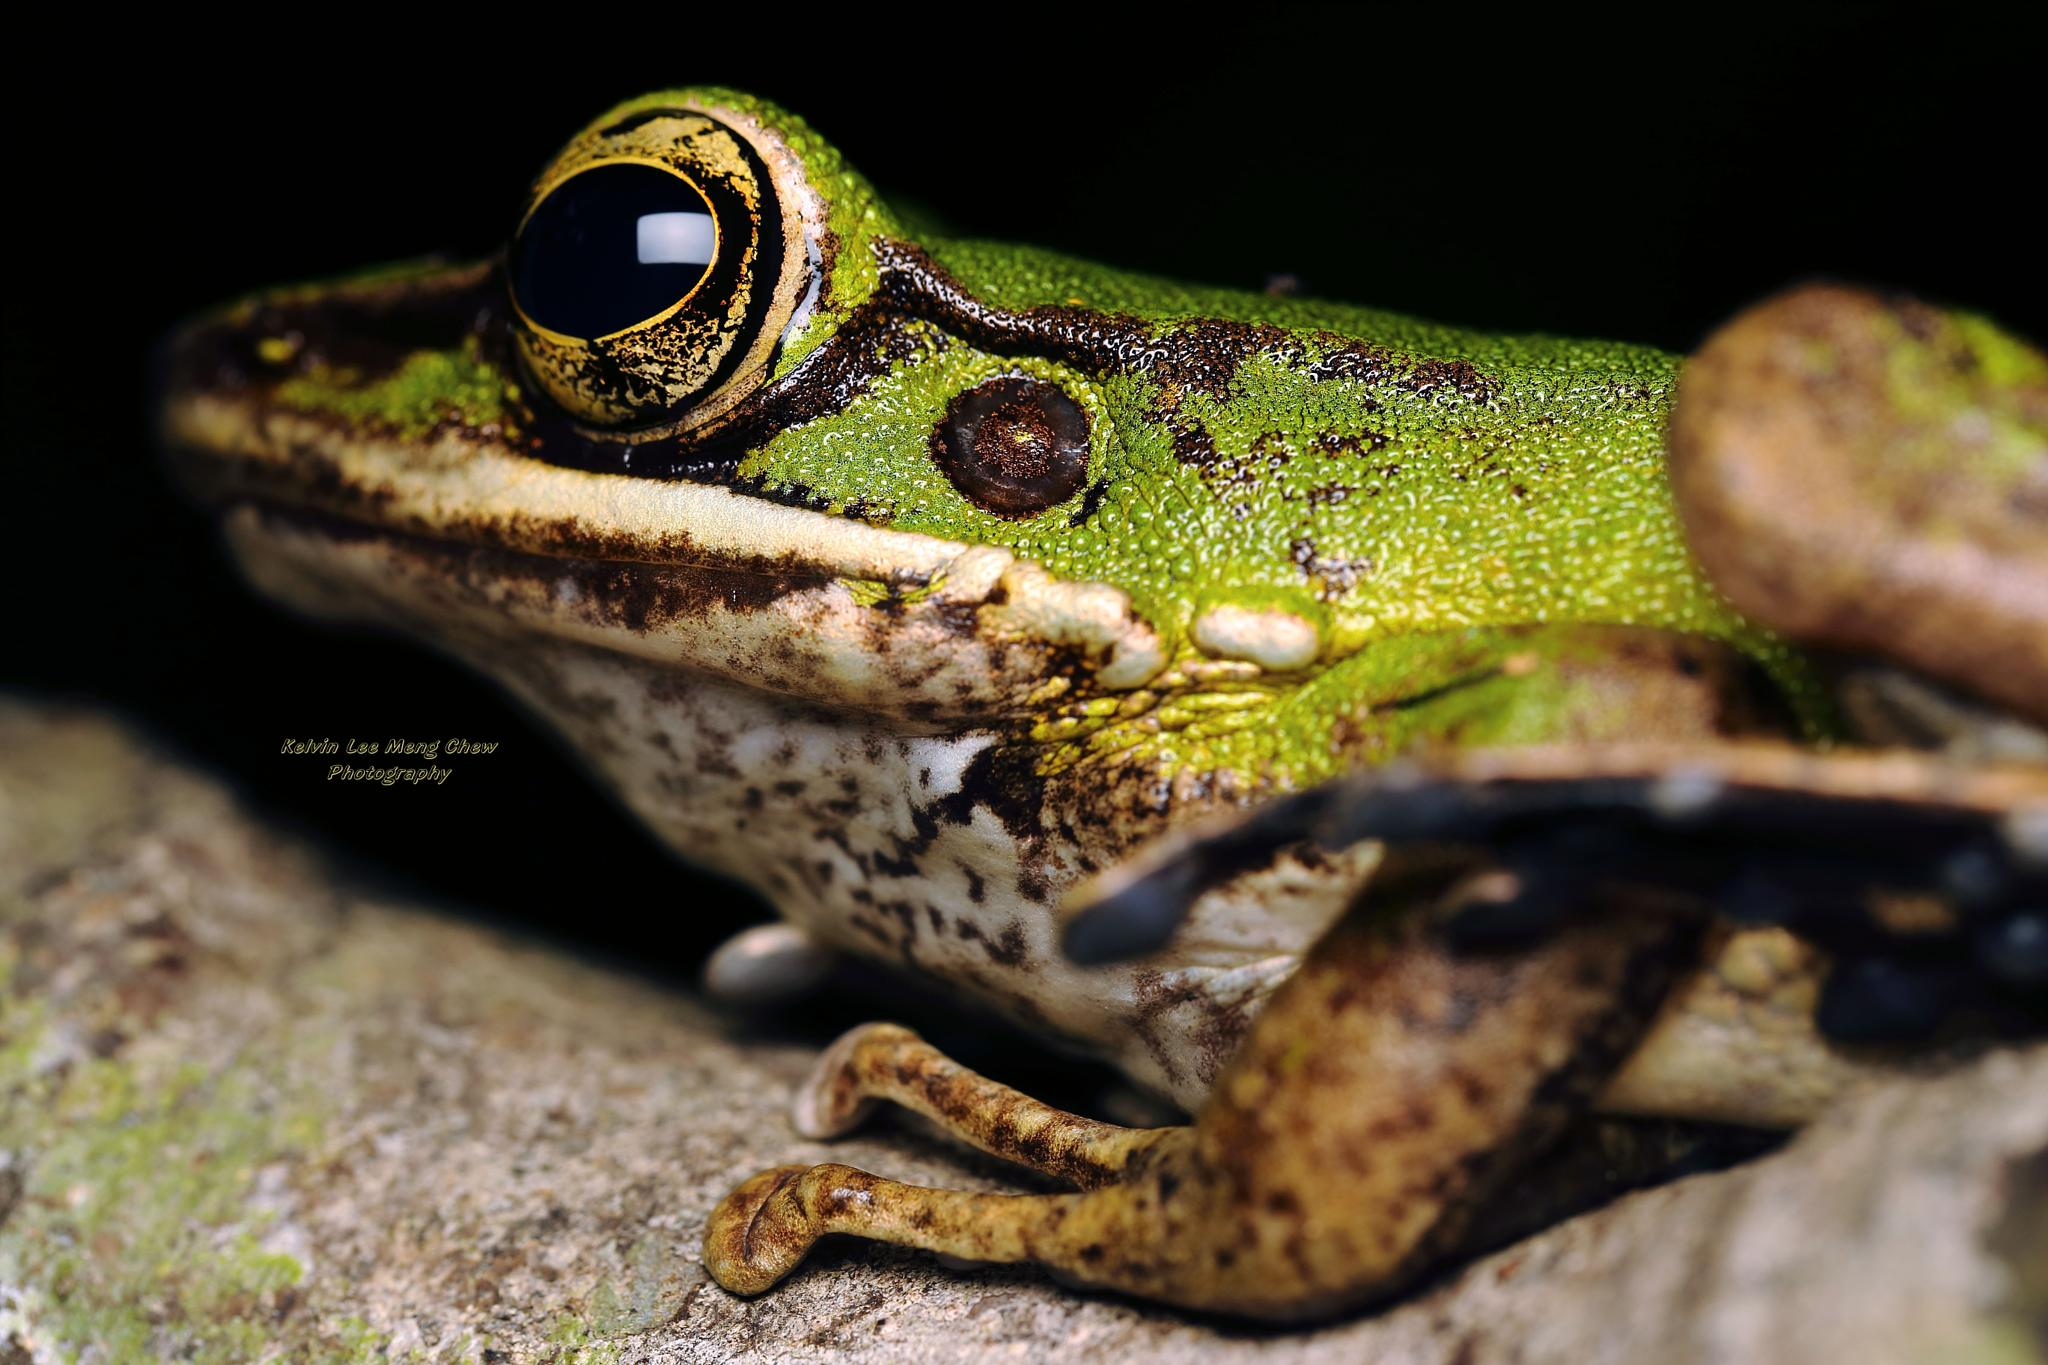 Frog by Kelvin Lee